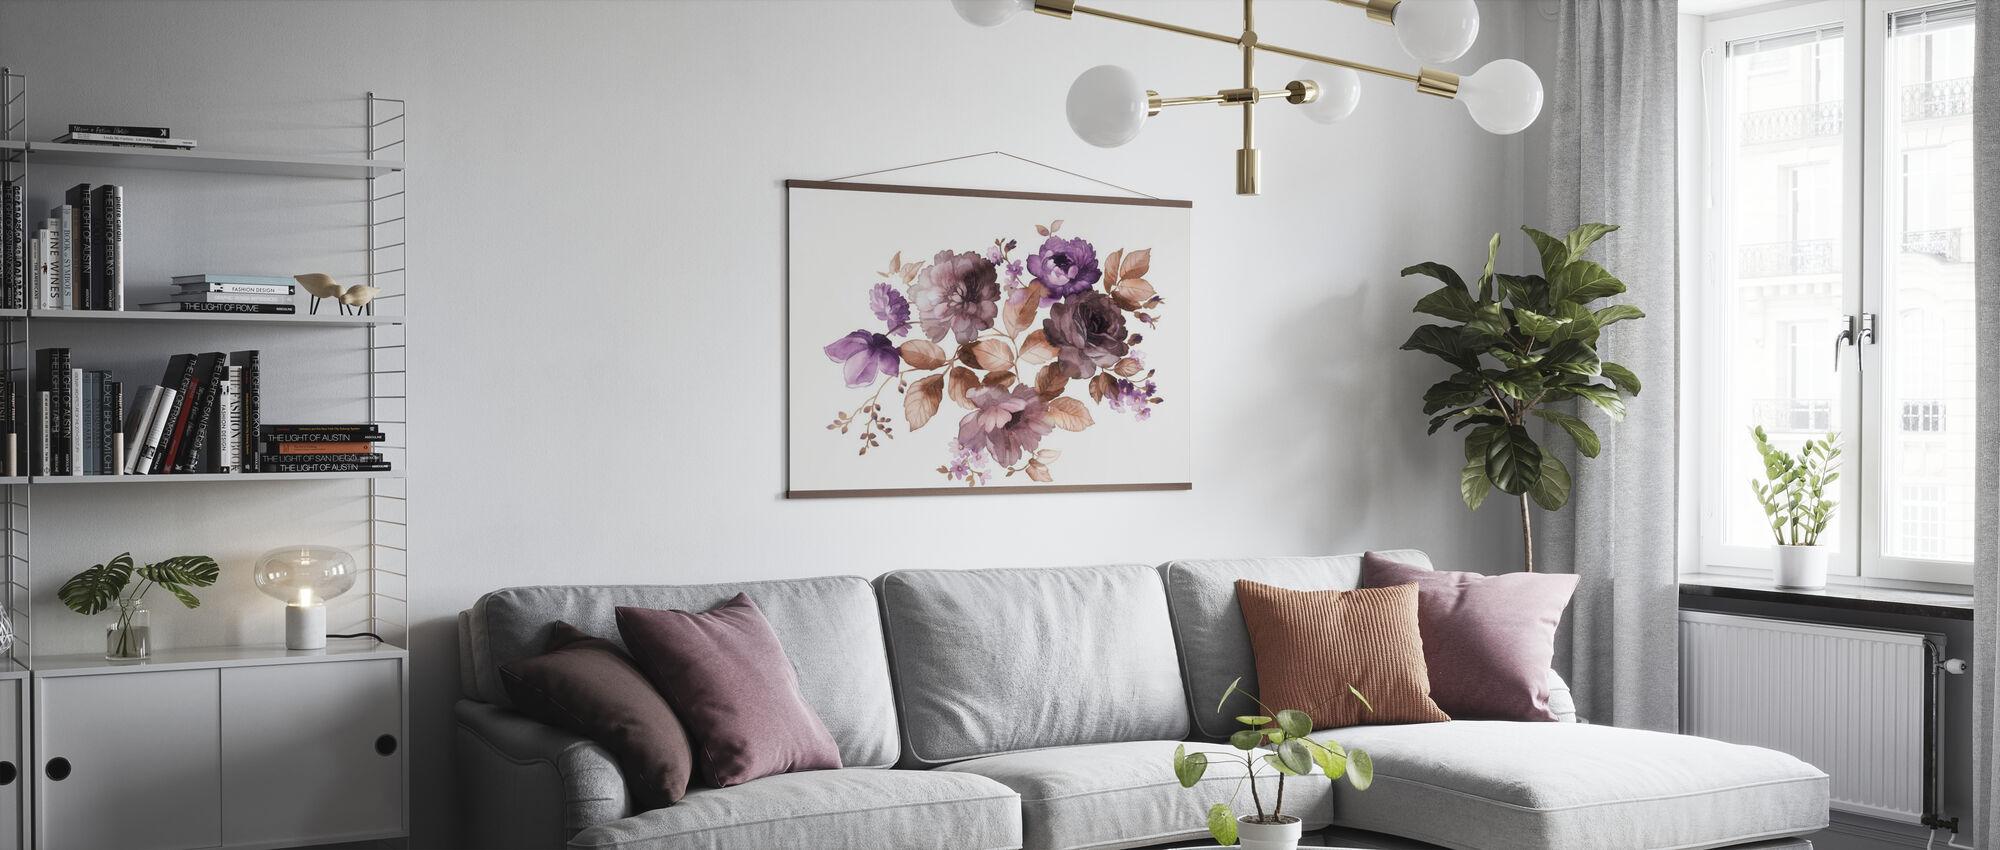 Blumen in Aquarell - Poster - Wohnzimmer